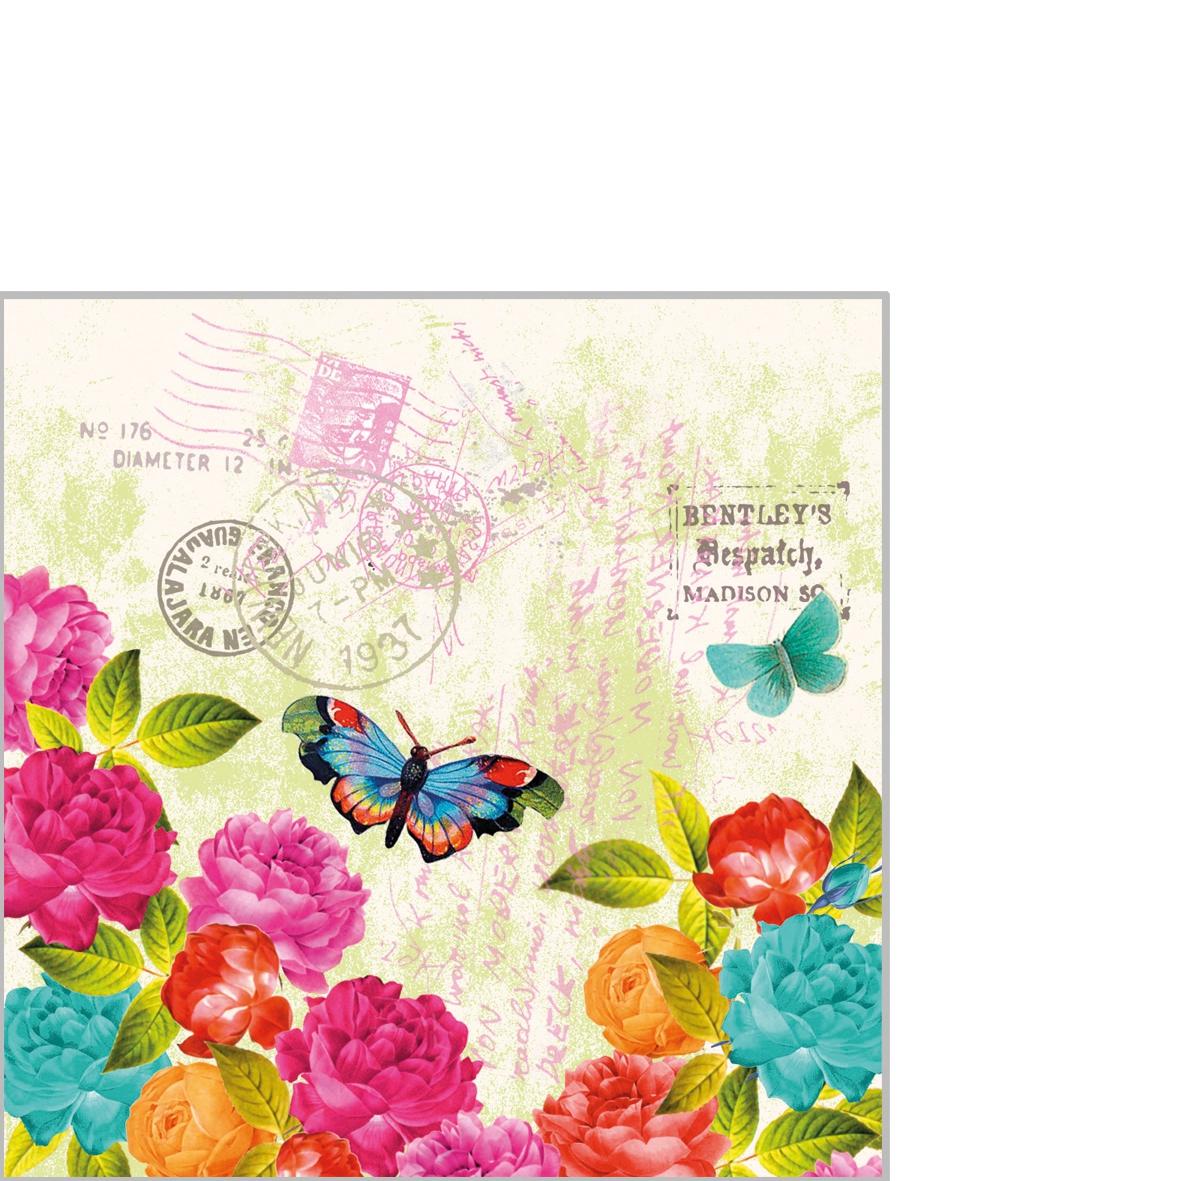 Cocktail Servietten Spring Letter,  Tiere - Schmetterlinge,  Blumen - Rosen,  Everyday,  cocktail servietten,  Rosen,  Schmetterlinge